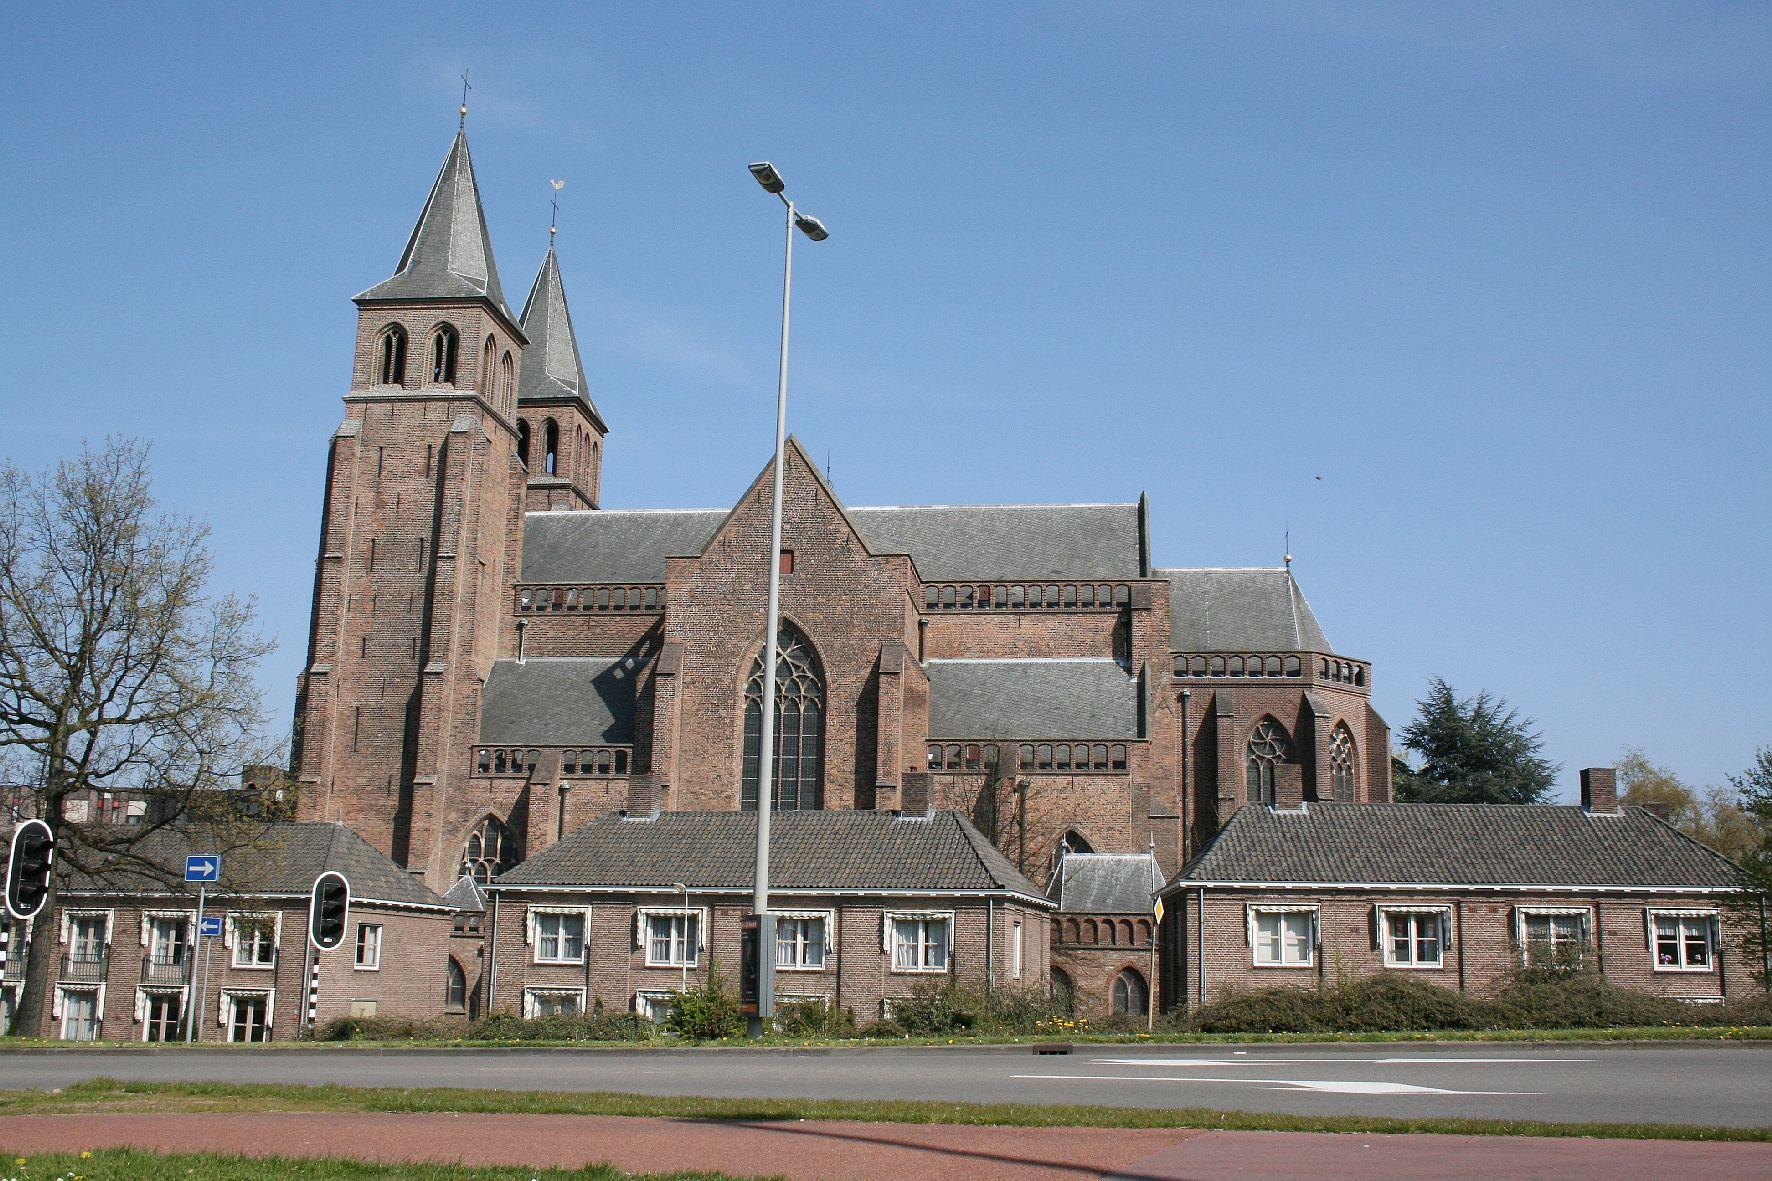 Adres: Sint Walburgisplein 1, 6811 BZ Arnhem